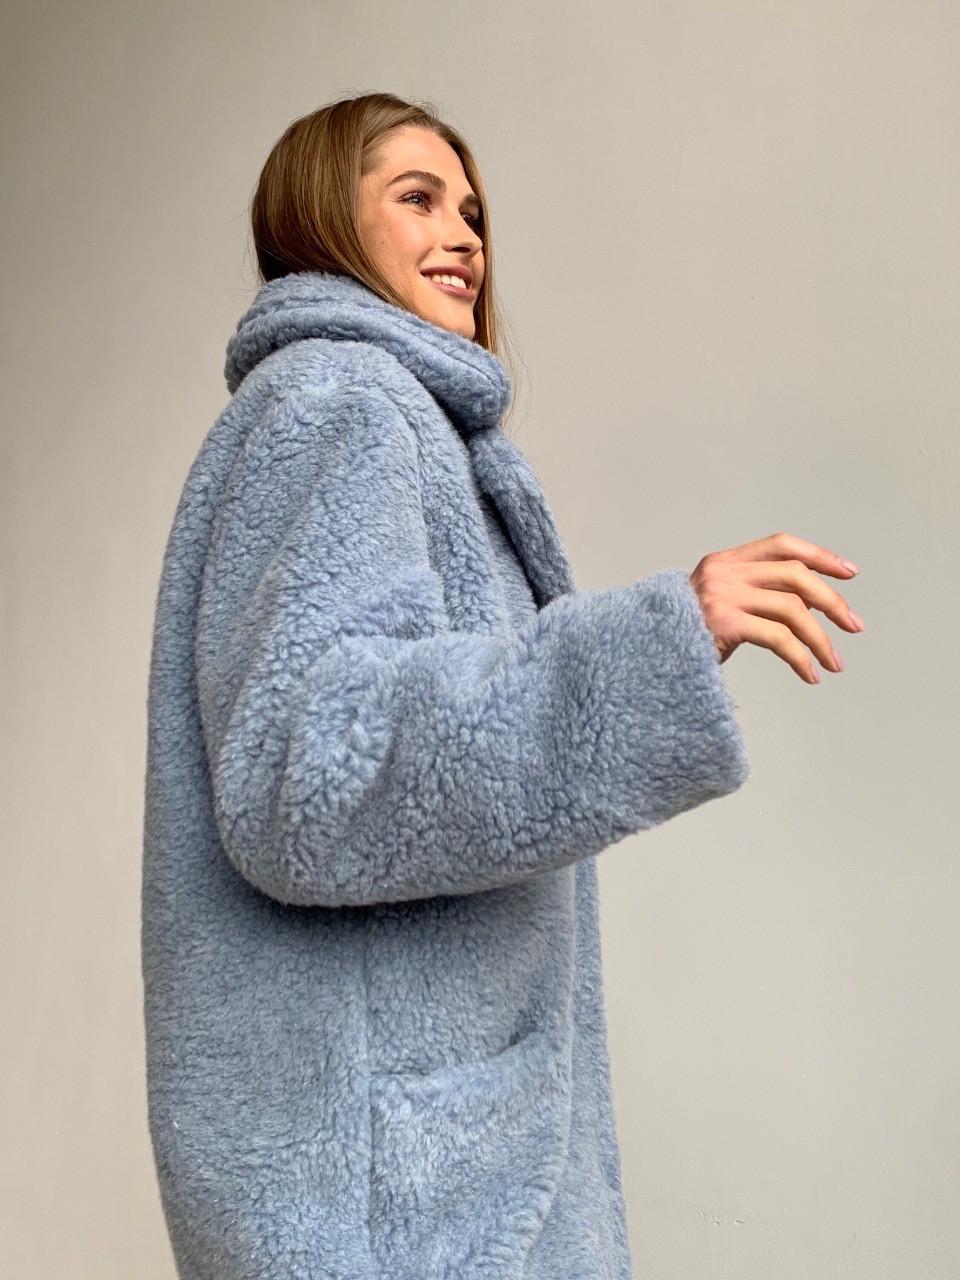 Шуба из натуральной стриженой овечьей шерсти длина 110 см, прорезные карманы, голубой цвет - фото 3